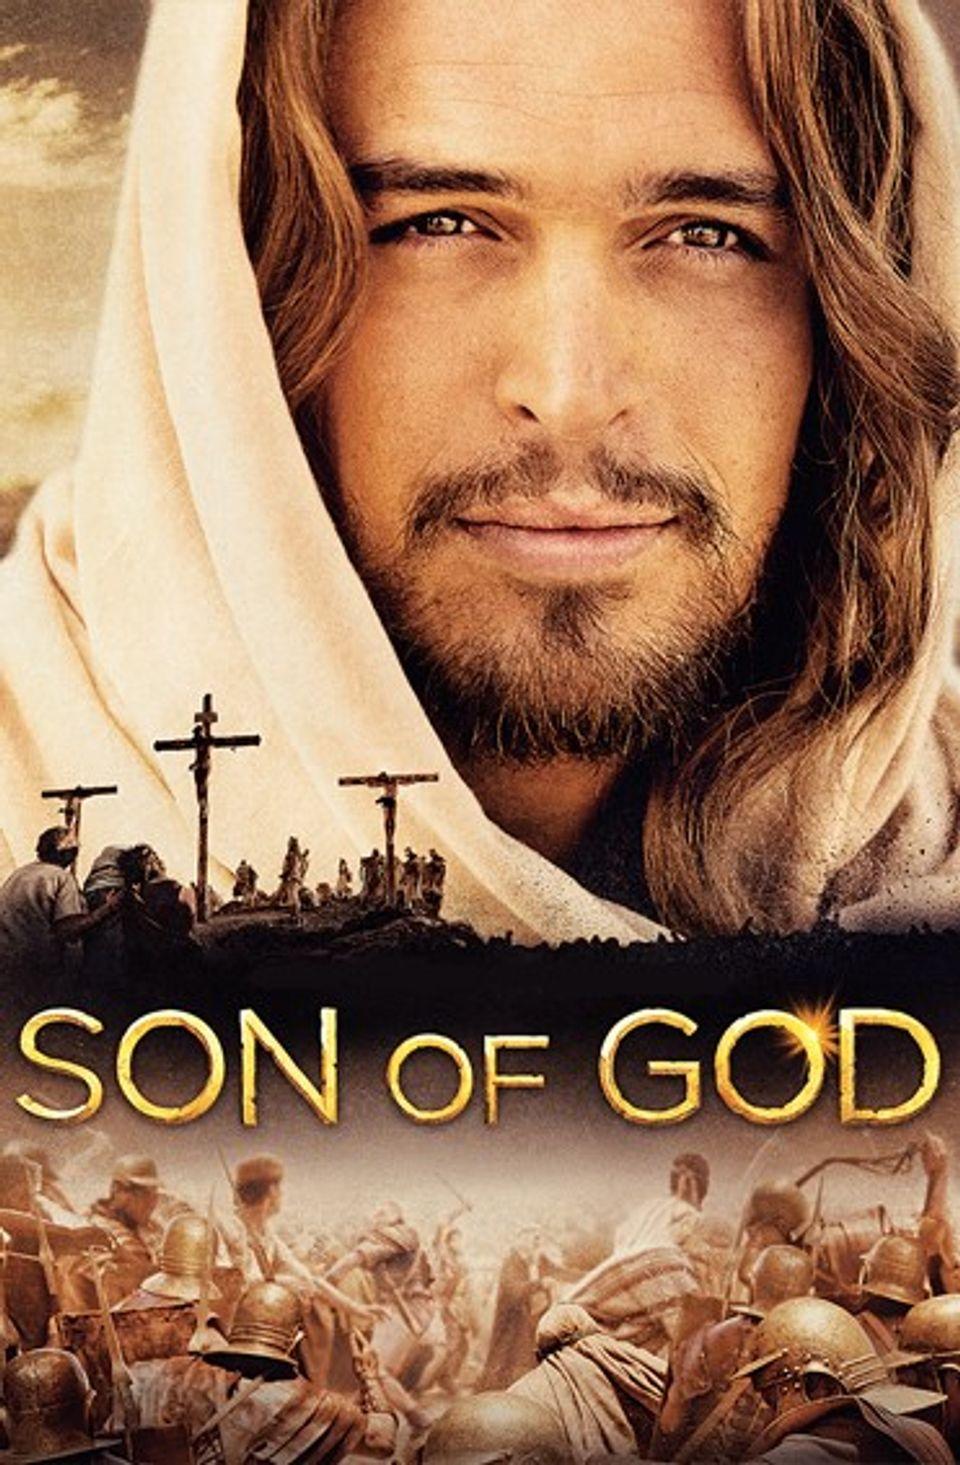 """ภ.ฝรั่ง """"บุตรแห่งพระเจ้า"""" (SON OF GOD)"""